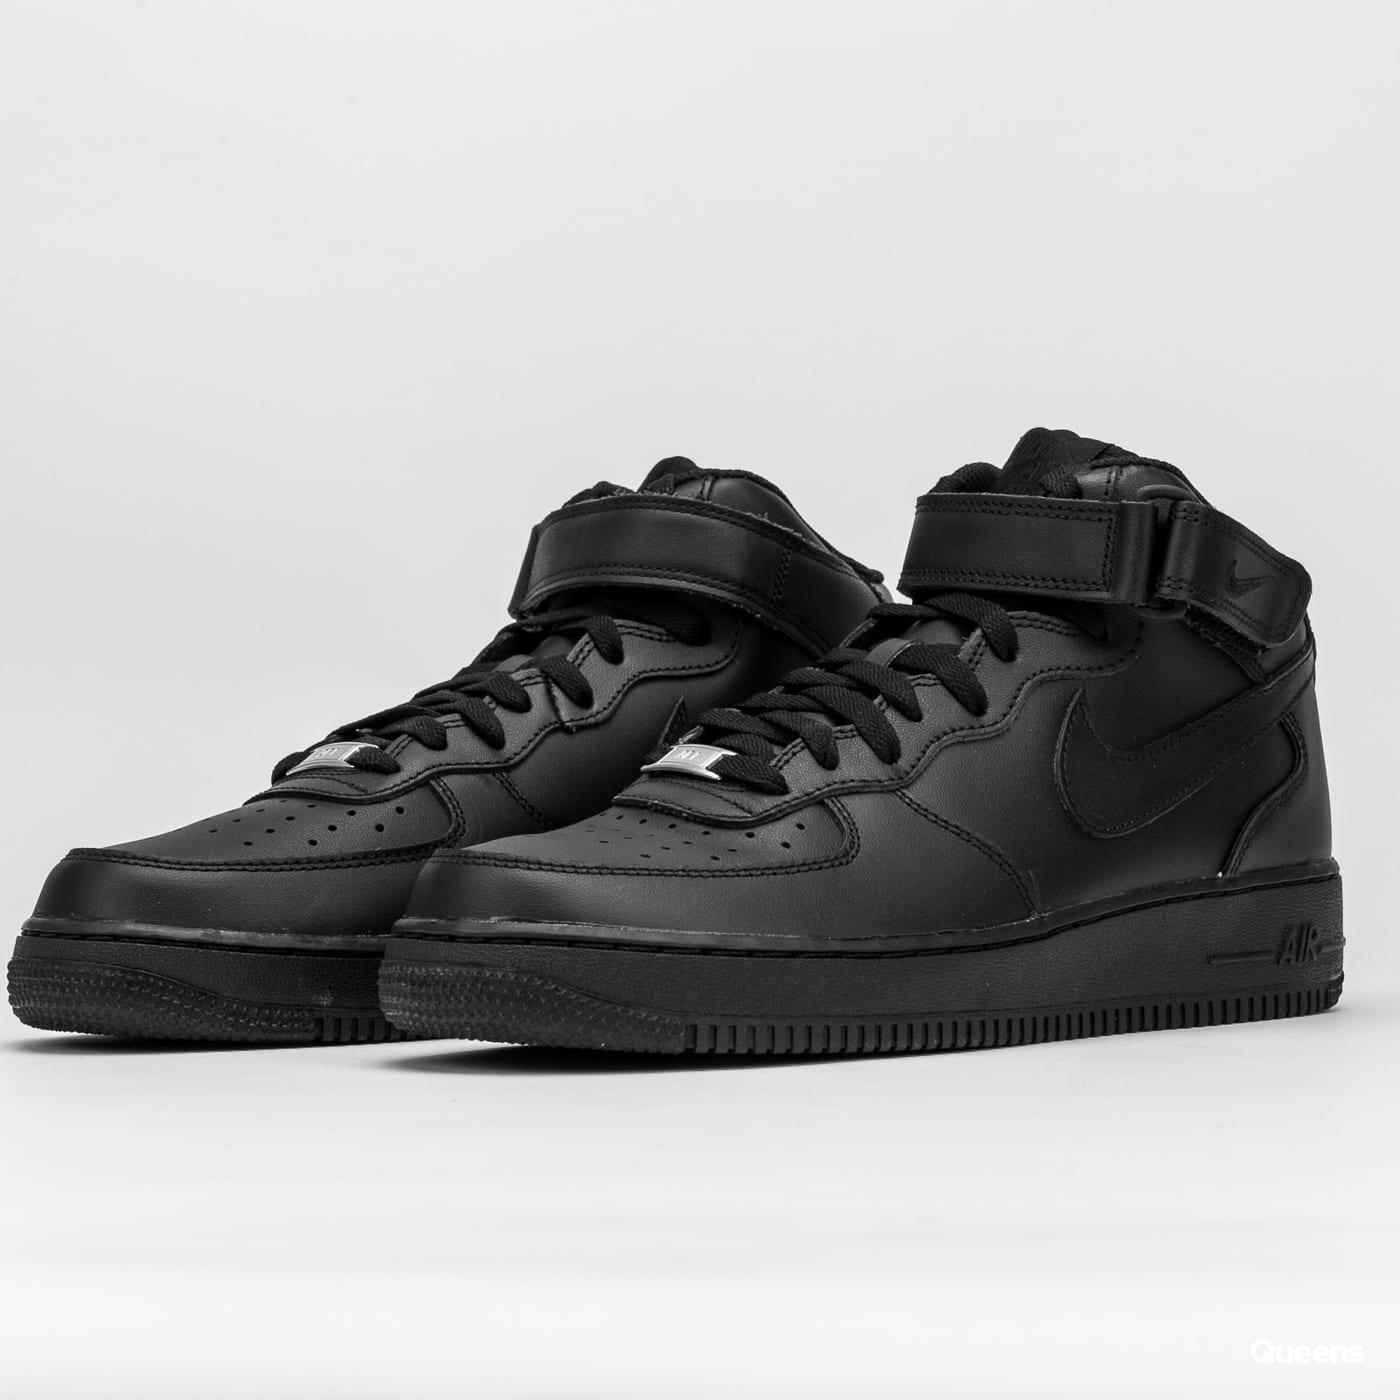 Nike Air Force 1 Mid '07 schwarz / schwarz - schwarz